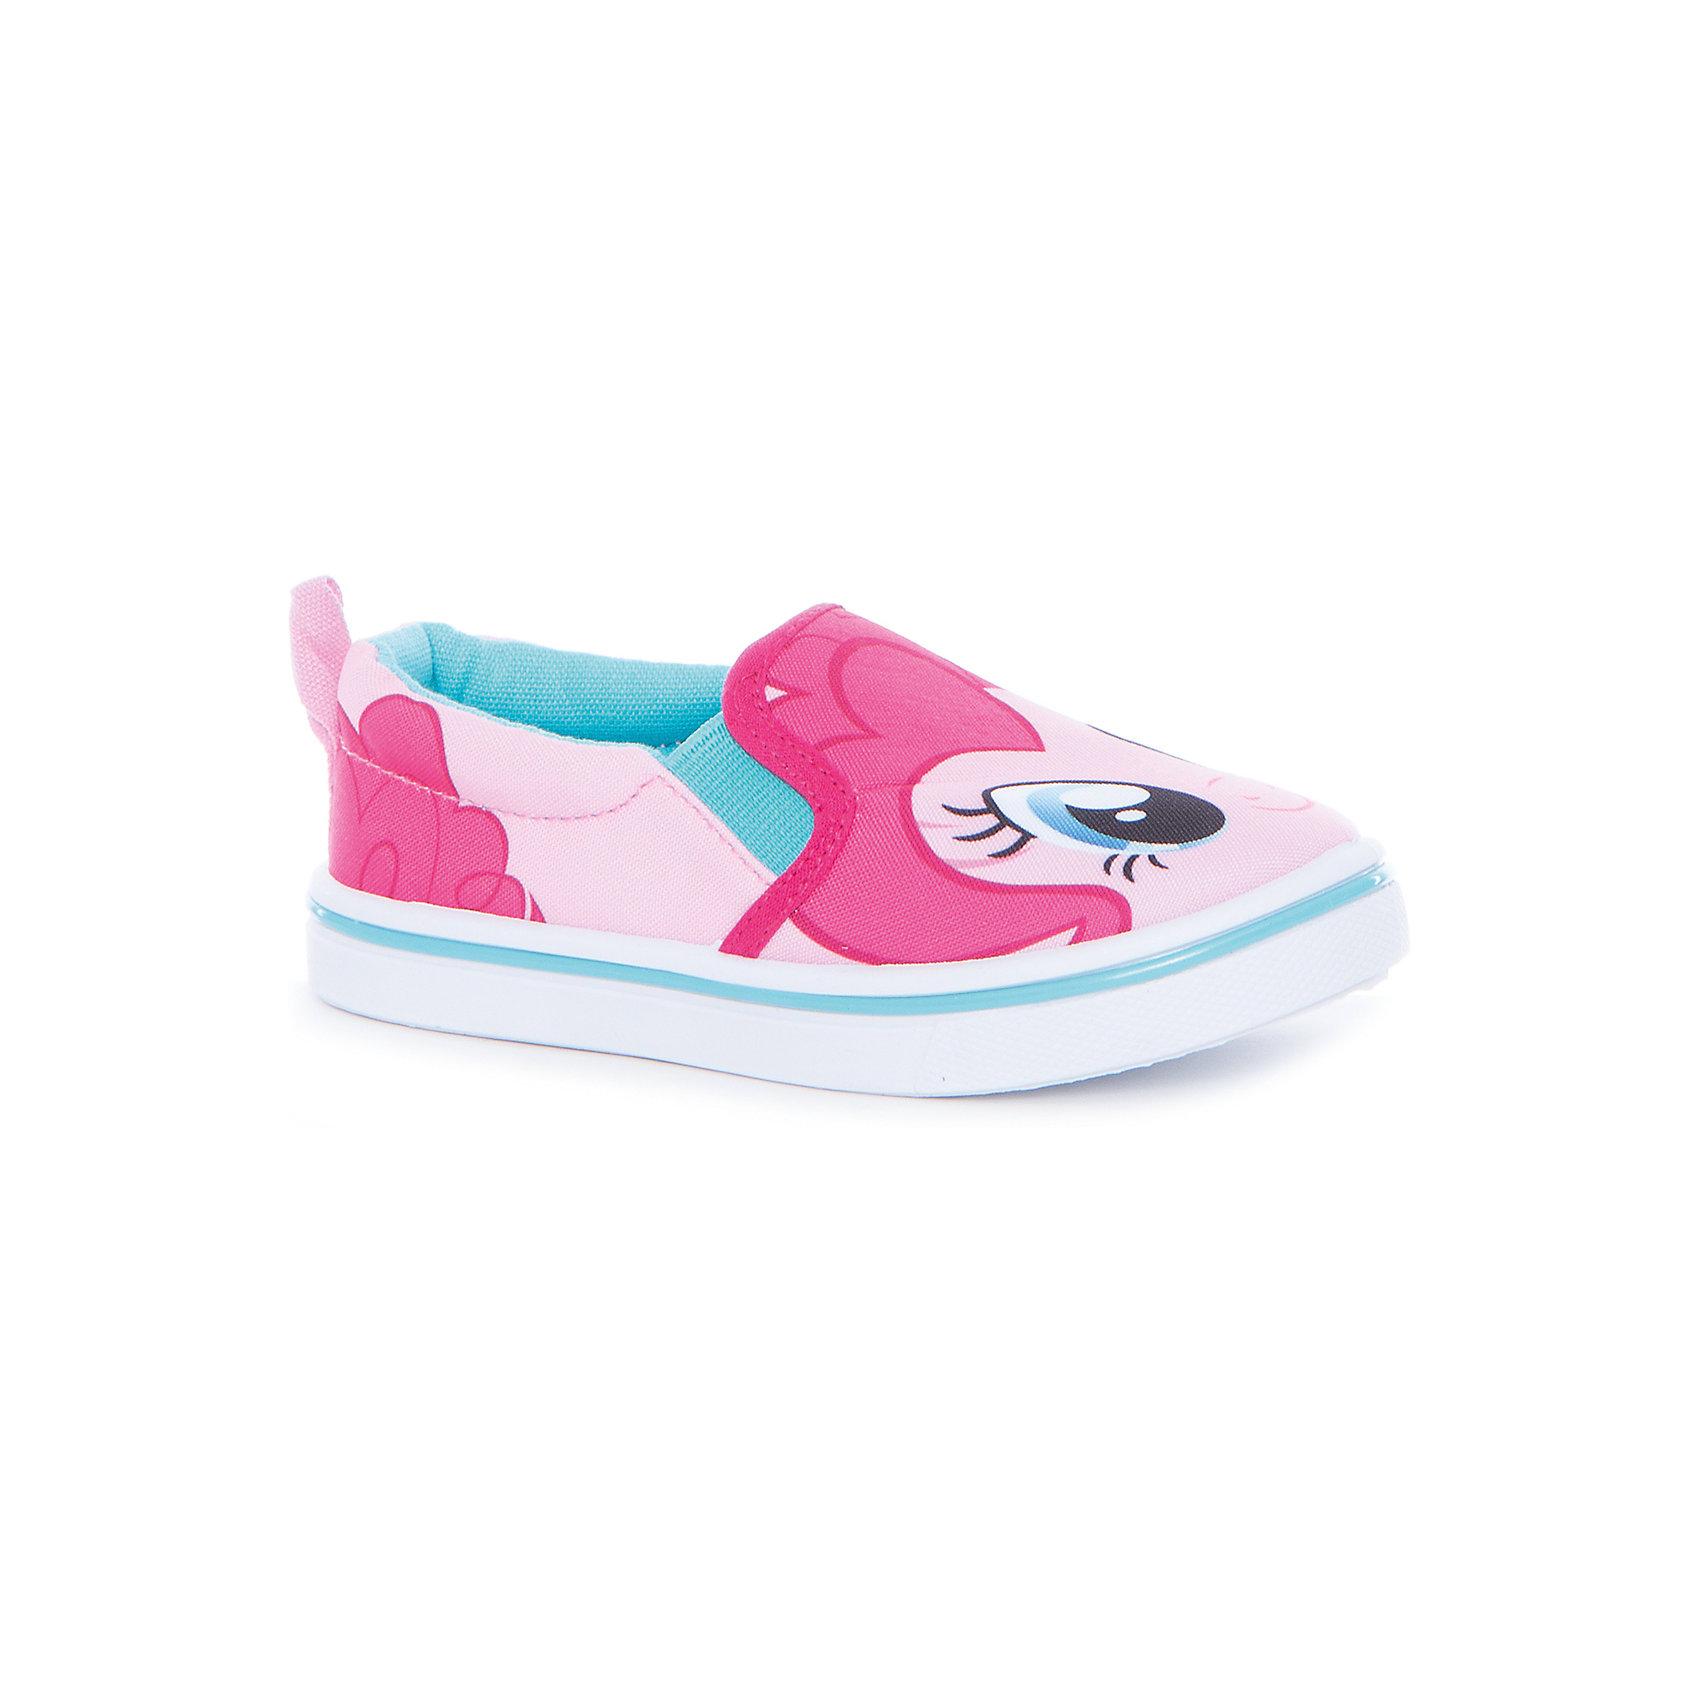 Слипоны для девочки KAKADUТекстильные туфли<br>Характеристики:<br><br>• цвет: розовый<br>• внешний материал: текстиль<br>• внутренний материал: хлопок<br>• стелька: хлопок<br>• подошва: ПВХ<br>• высота подошвы: 1 см<br>• съёмная стелька<br>• эластичные вставки для удобства надевания<br>• сезон: лето<br>• тематика рисунка: My Little Pony<br>• тип подошвы: рифлёная<br>• способ крепления подошвы: литая<br>• тип застёжки: без застёжки<br>• уход: удаление загрязнений мягкой щеткой<br>• страна бренда: Россия<br>• страна производитель: Китай<br><br>Туфли для девочки KAKADU от Сrossway – это обувь, которая характеризуется высокими качественными и потребительскими характеристиками: прочная, удобная и при этом модная, и яркая! Туфли предназначены для летних прогулок. Они выполнены с учетом анатомических особенностей детской стопы. <br><br>Верх изделия – из текстиля, который обладает высокой воздухопроницаемостью и гигроскопичностью, внутренняя часть и съемная стелька изготовлены из хлопка. Подошва выполнена из поливинилхлорида, который особенно устойчив к истиранию. <br><br>По бокам имеются эластичные вставки, которые обеспечивают хорошую посадку по ноге и легкое обувание. Кеды имеют классическую форму и стильный дизайн: выполнены в модном цвете и декорированы ярким принтом с изображением Пинки Пай из мультсериала Мой маленький пони.<br><br>Туфли для девочки KAKADU можно купить в нашем интернет-магазине.<br><br>Ширина мм: 227<br>Глубина мм: 145<br>Высота мм: 124<br>Вес г: 325<br>Цвет: розовый<br>Возраст от месяцев: 24<br>Возраст до месяцев: 24<br>Пол: Женский<br>Возраст: Детский<br>Размер: 25,26,27,28,29,30<br>SKU: 5386522